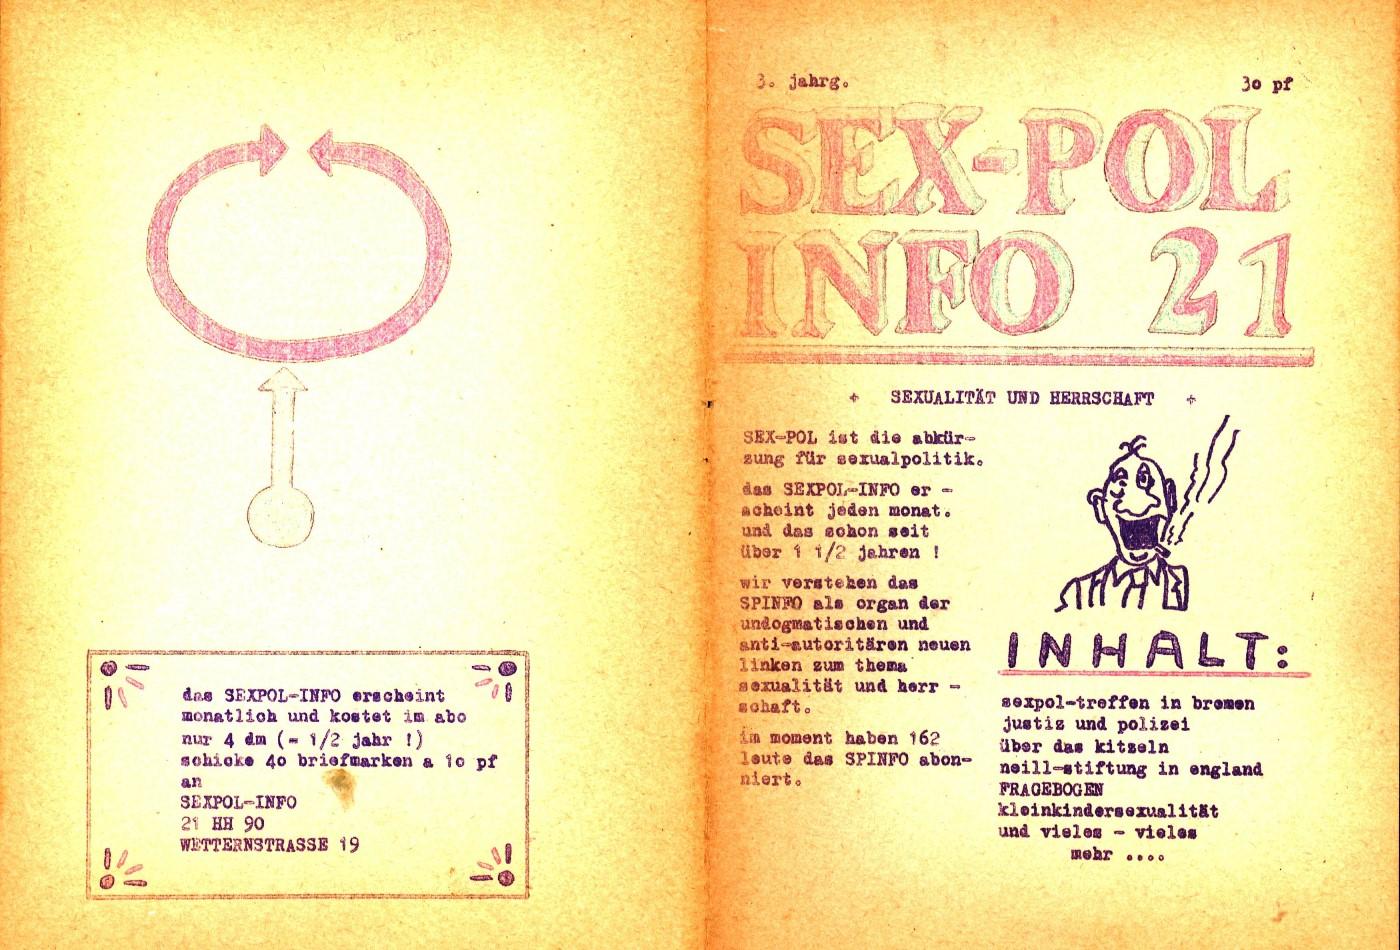 Sex_Pol_Info_21_01